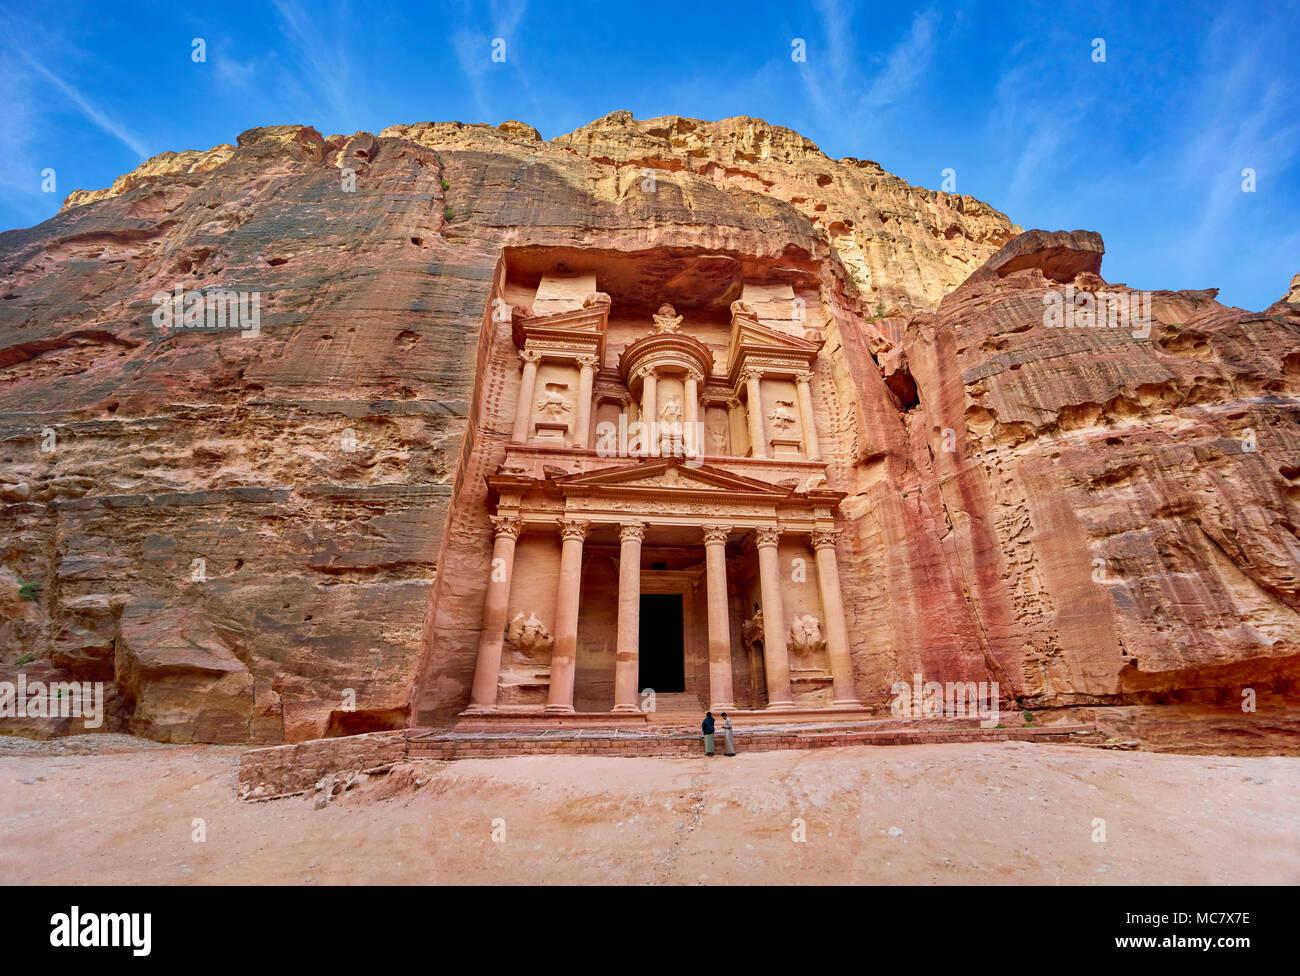 Al Tesoro Khazneh, Petra, Giordania Immagini Stock